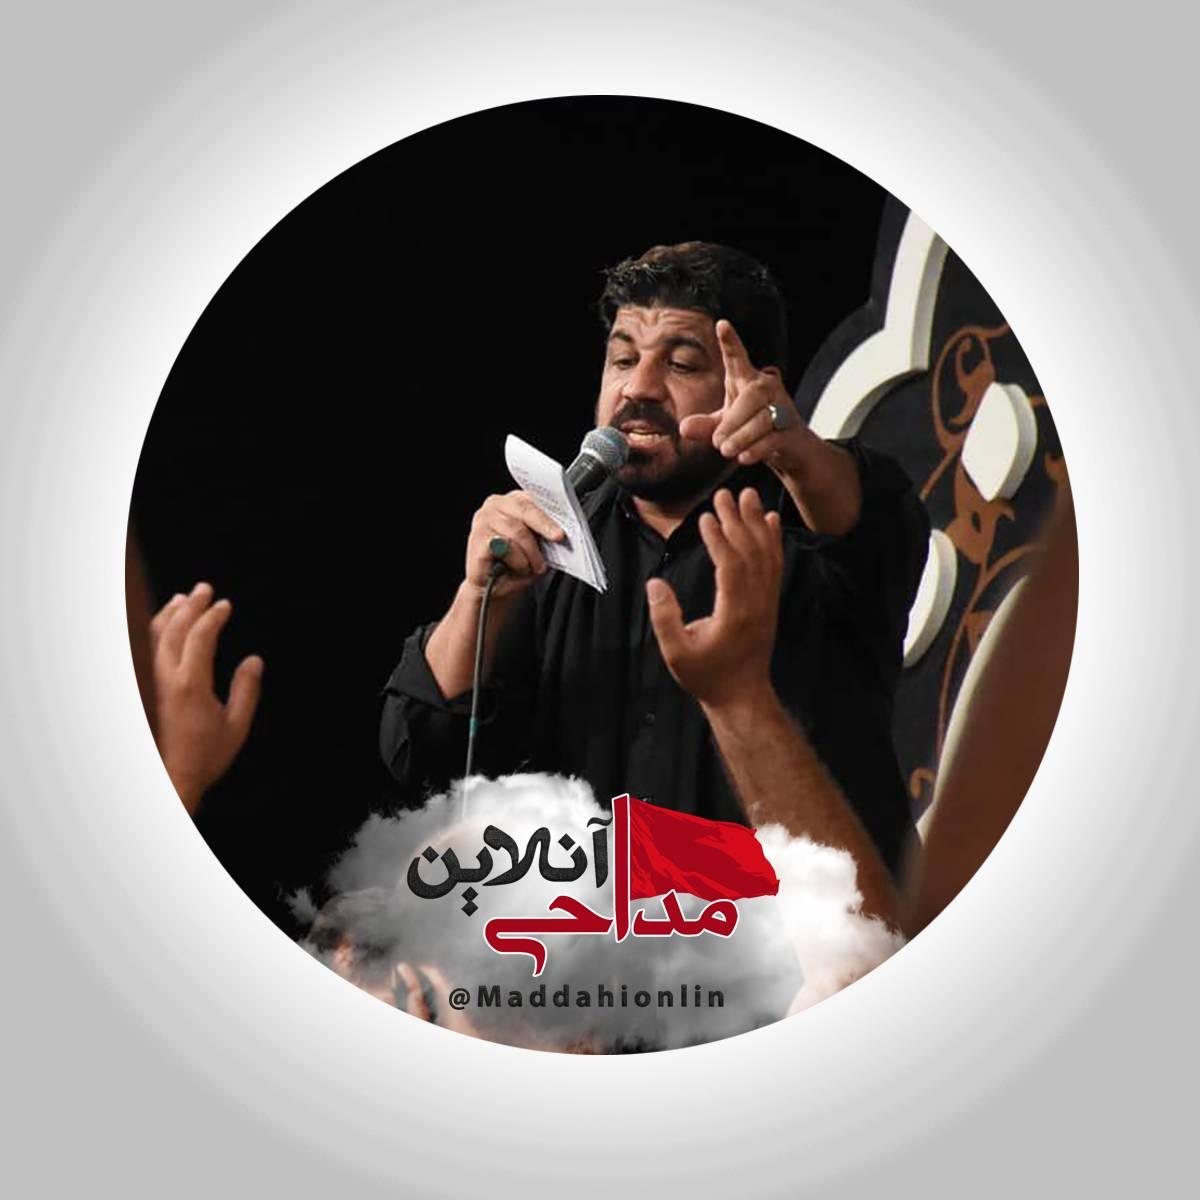 نماهنگ دلتنگ سردار مجتبی رمضانی